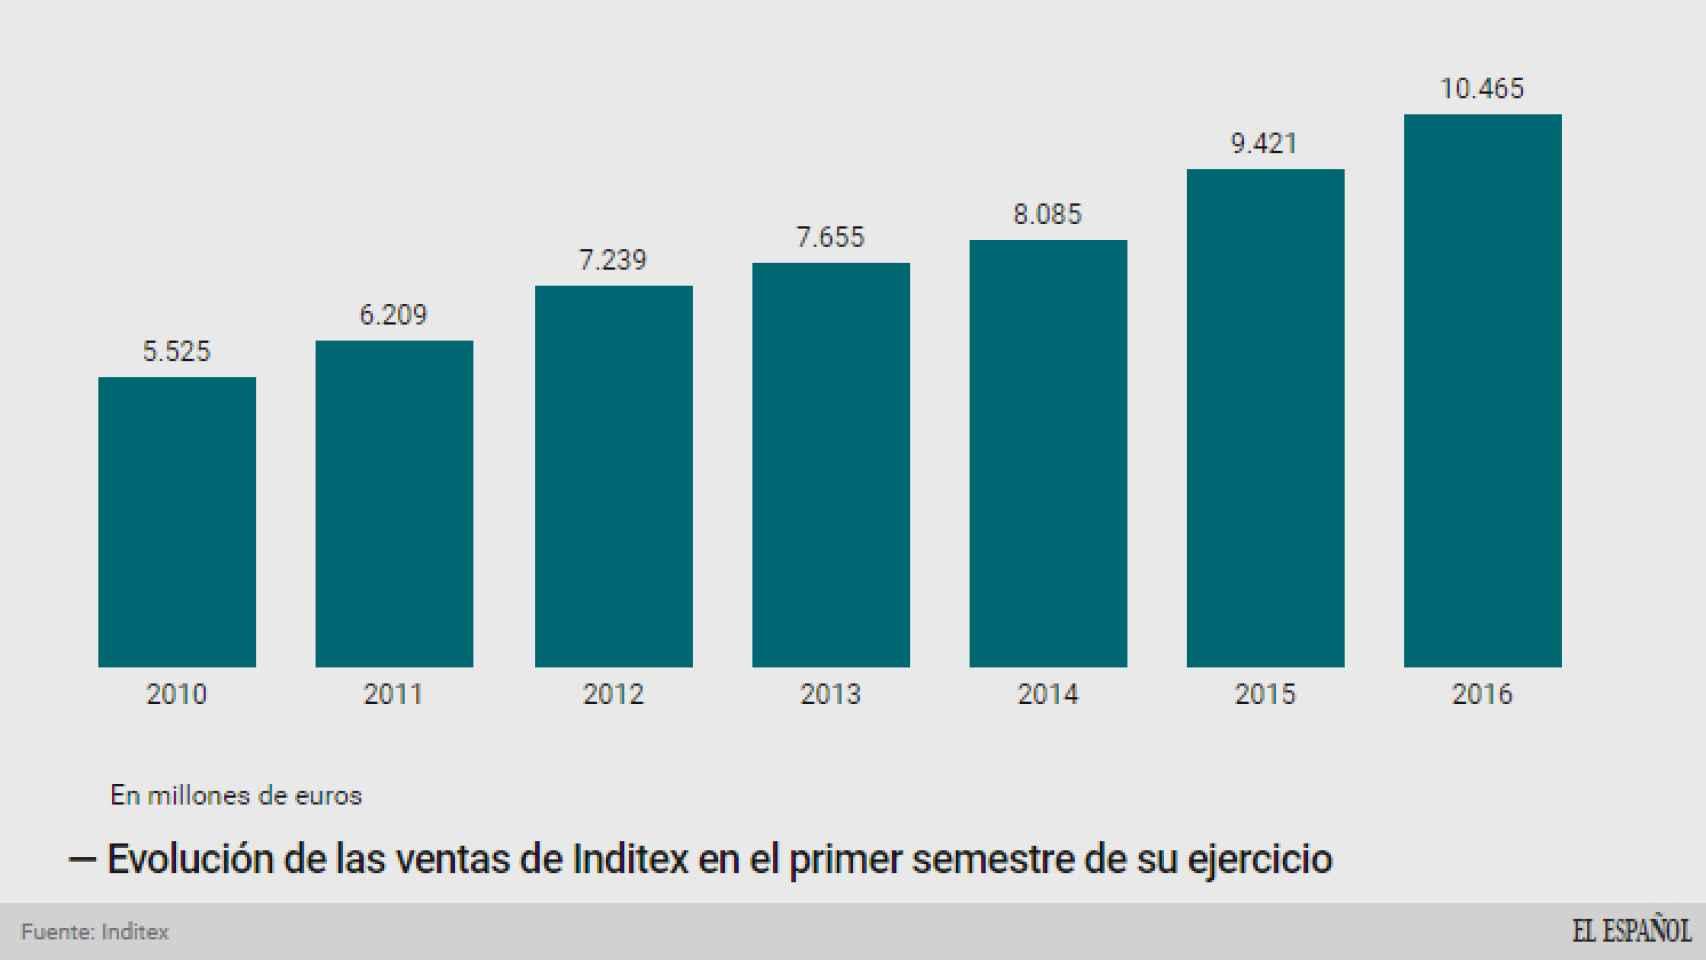 Evolución de las ventas de Inditex en el primer semestre.